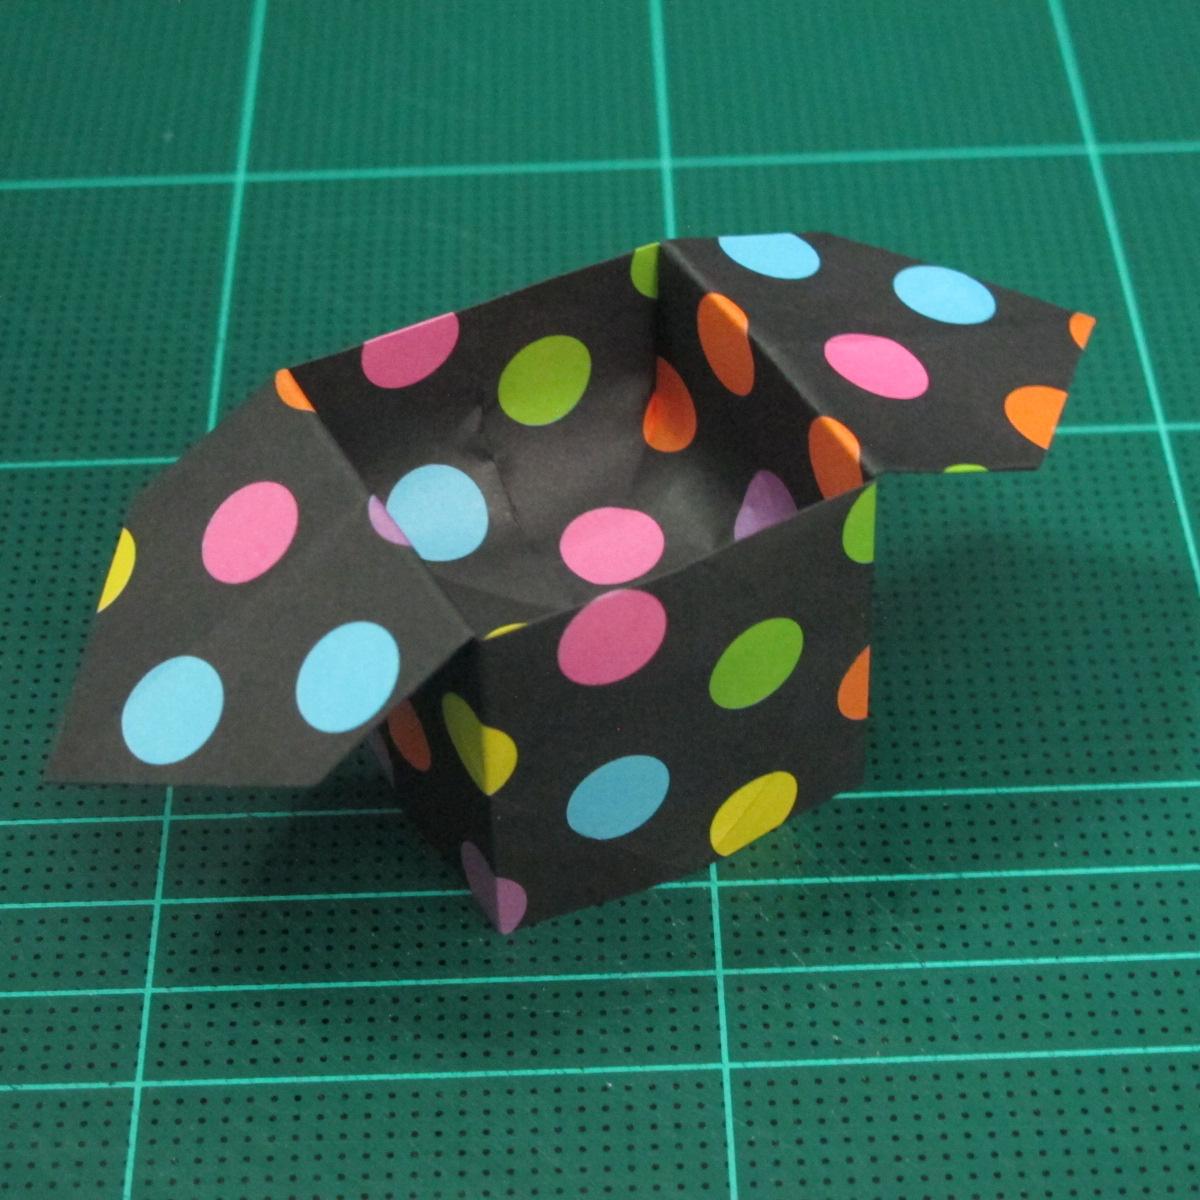 การพับกระดาษเป็นถุงใส่ขนมแบบญี่ปุ่น (Origami Sambo) 014